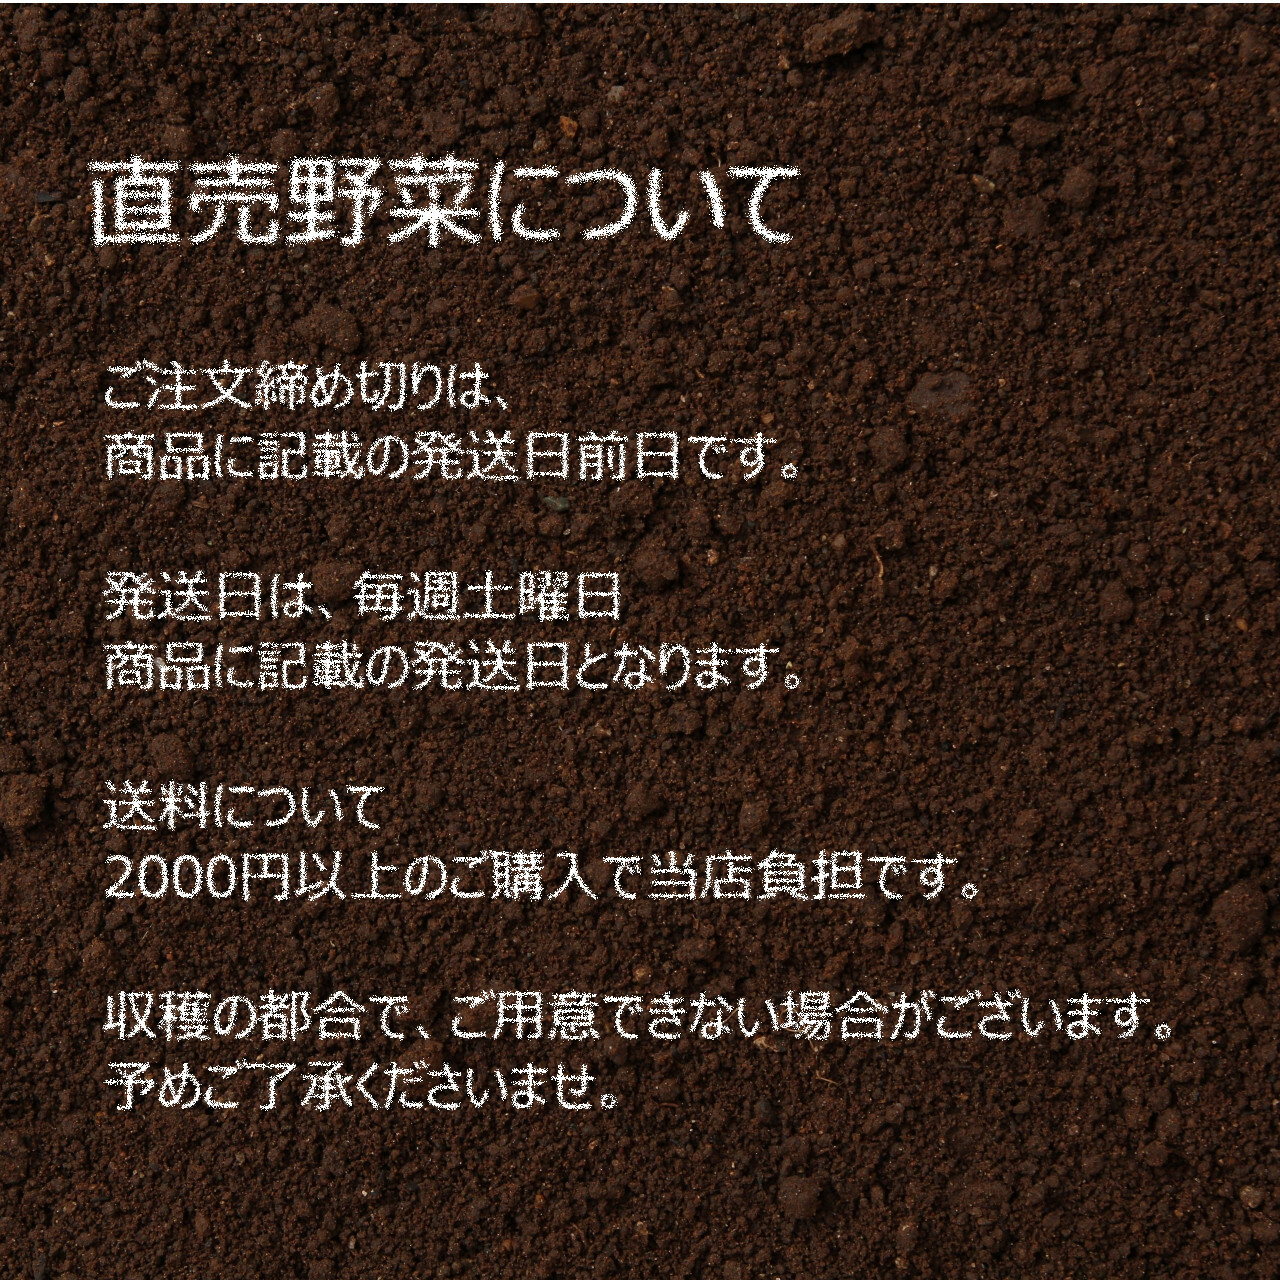 4月の朝採り直売野菜 キャベツ 1個 4月24日発送予定